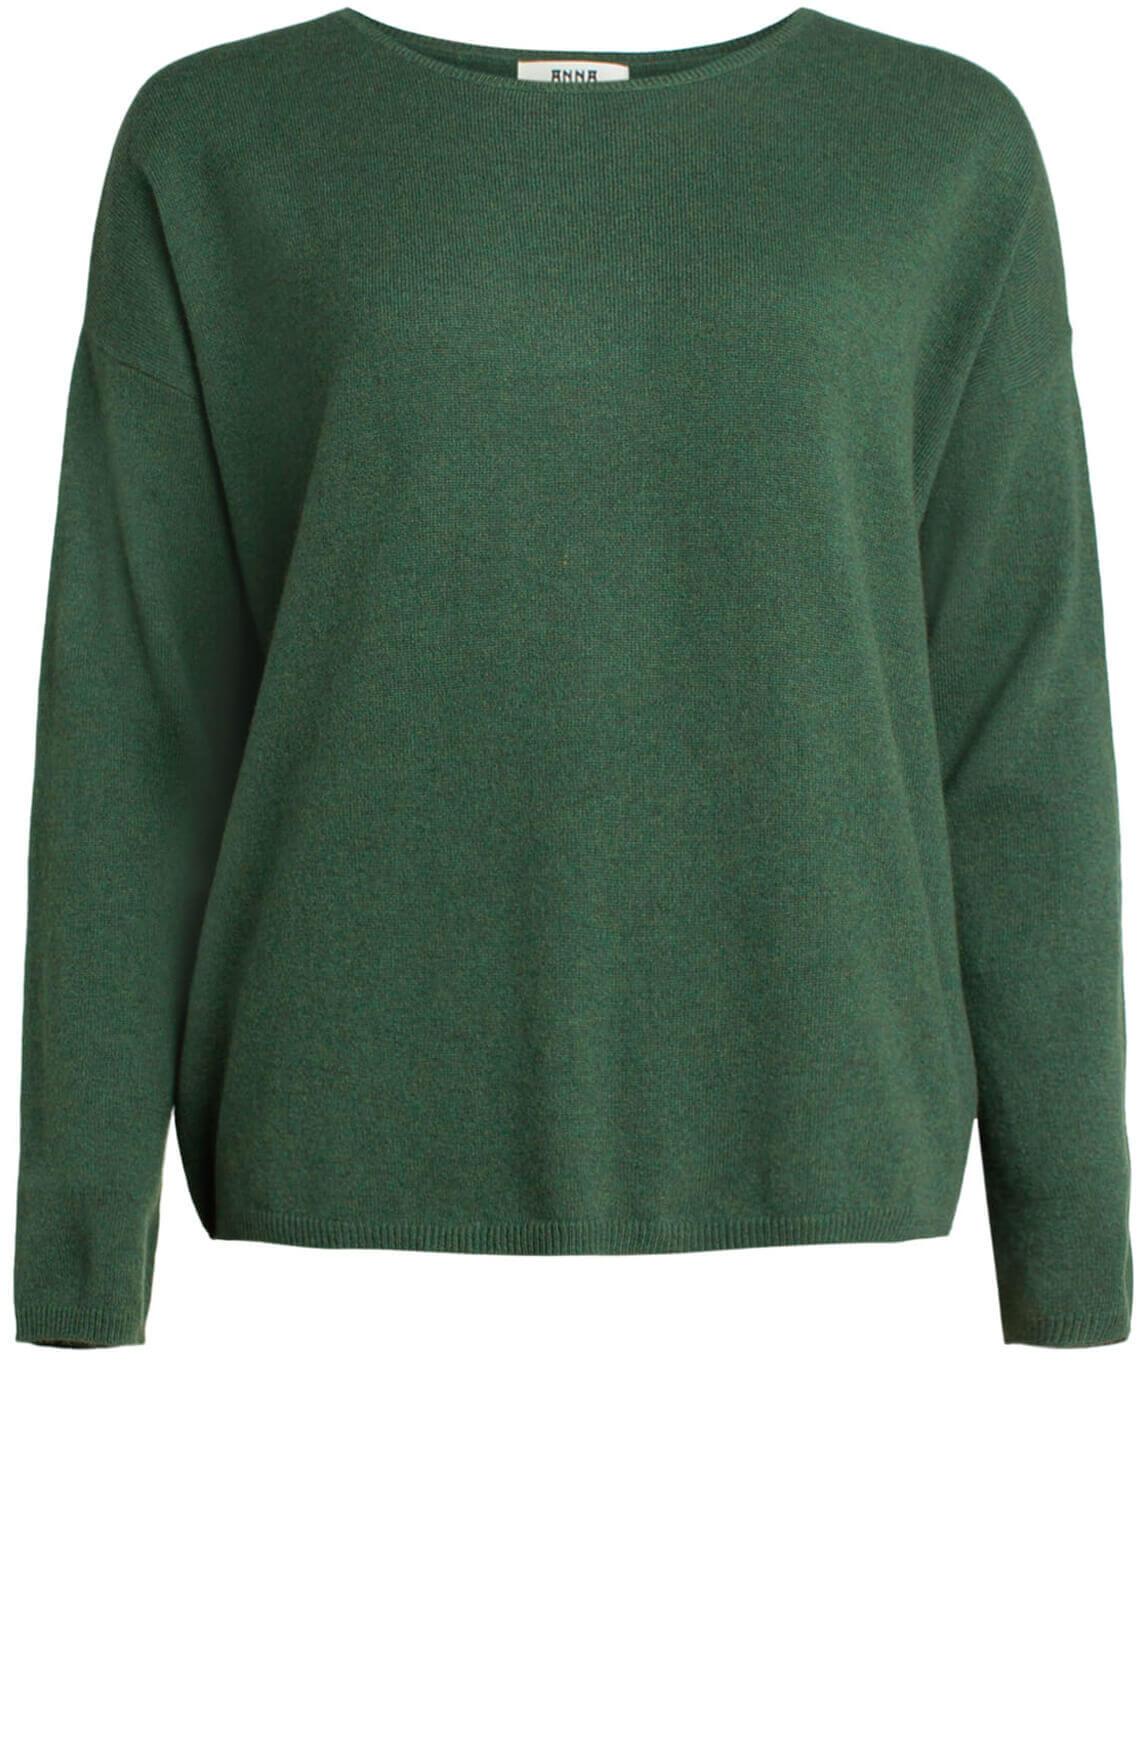 Anna Dames Cashmere pullover groen groen